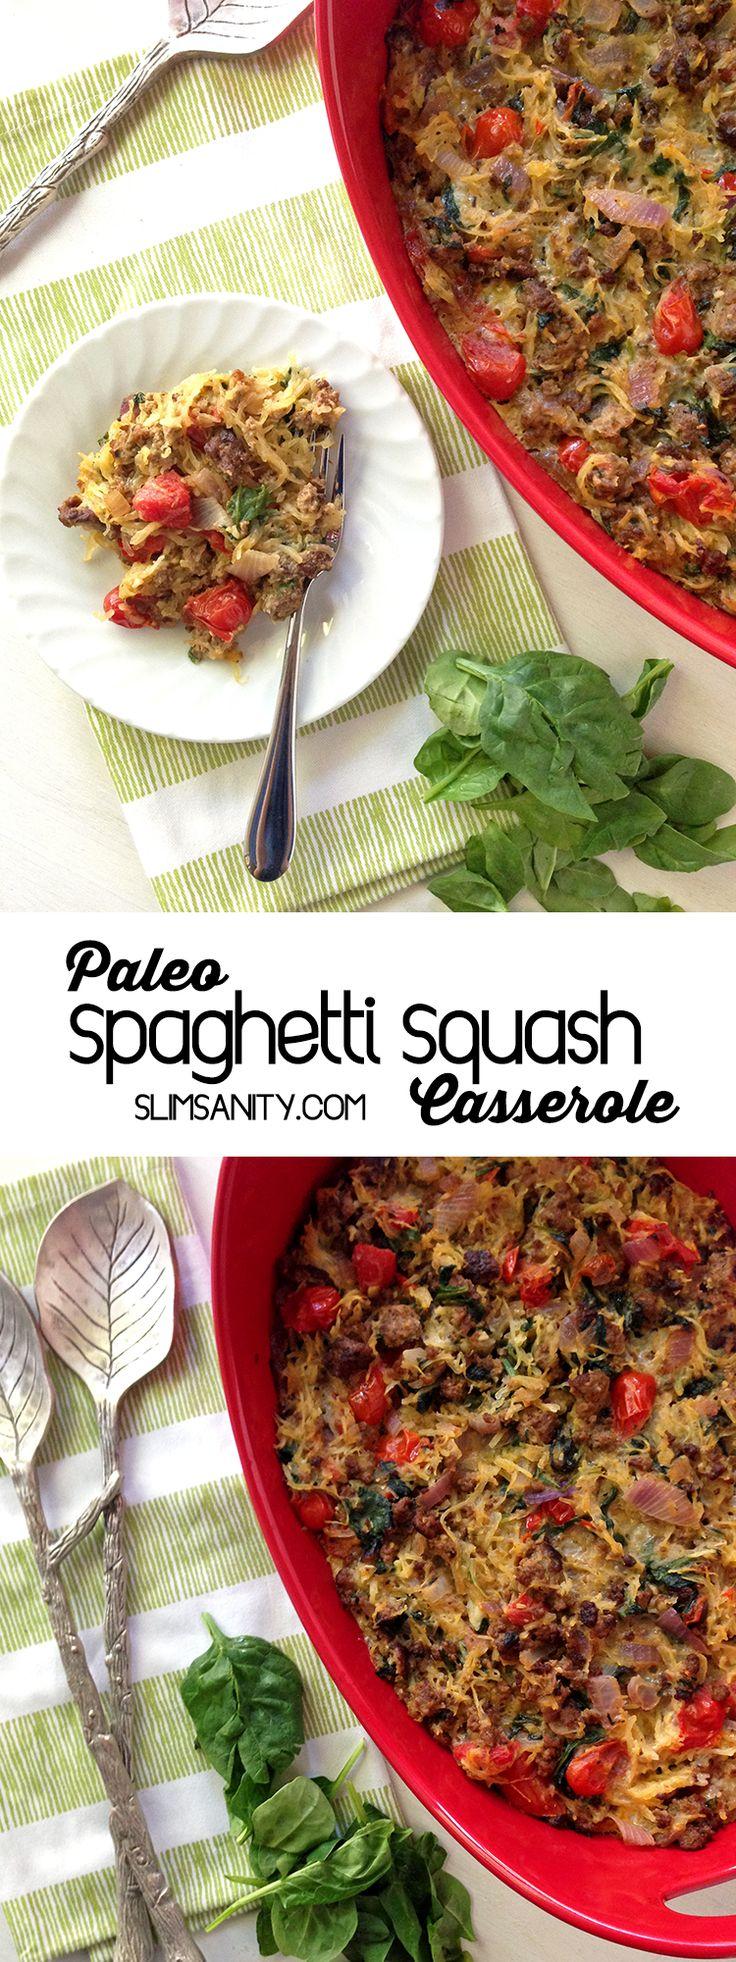 Paleo Spaghetti Squash Casserole - healthy and easy dinner recipe!